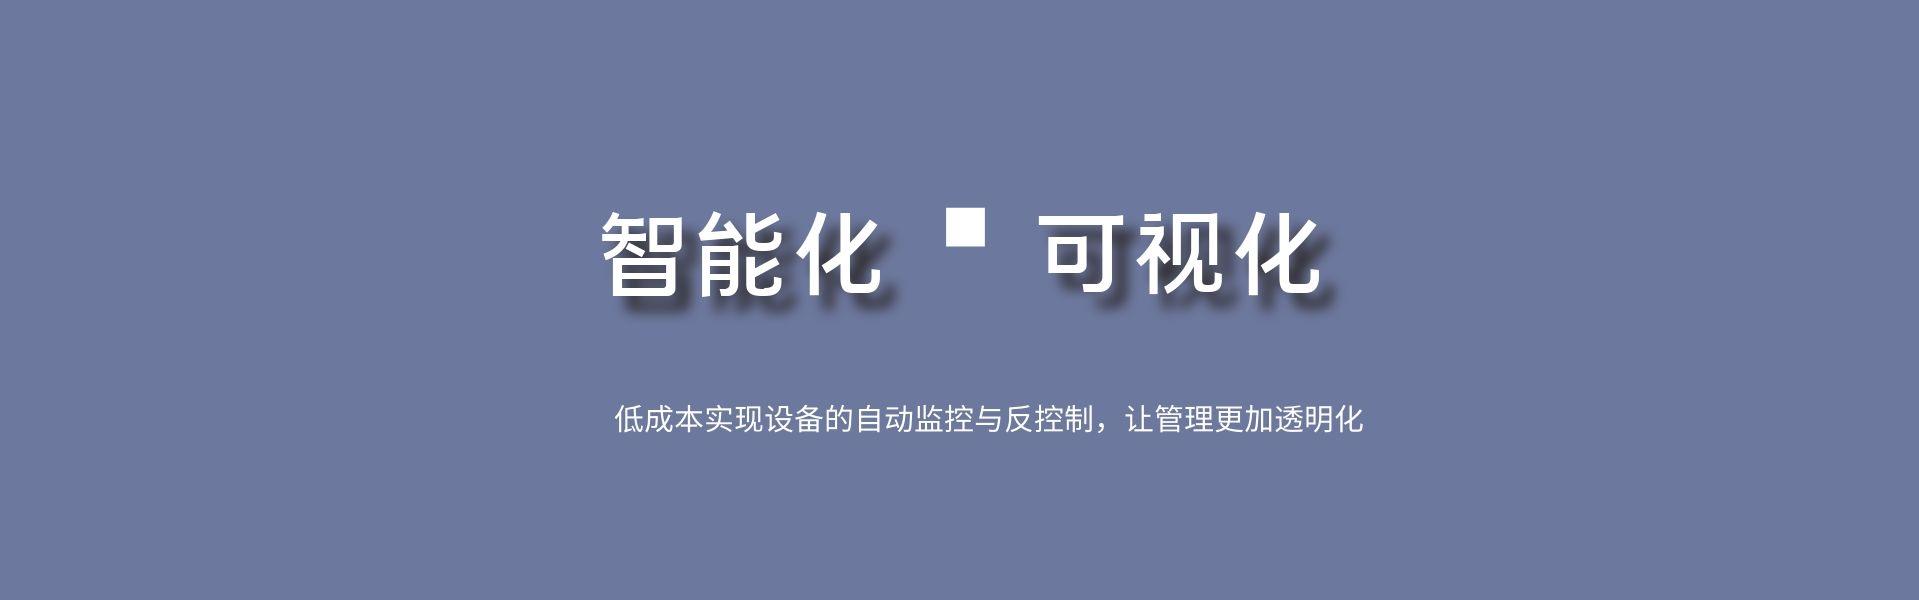 江门市又壹科技有限公司